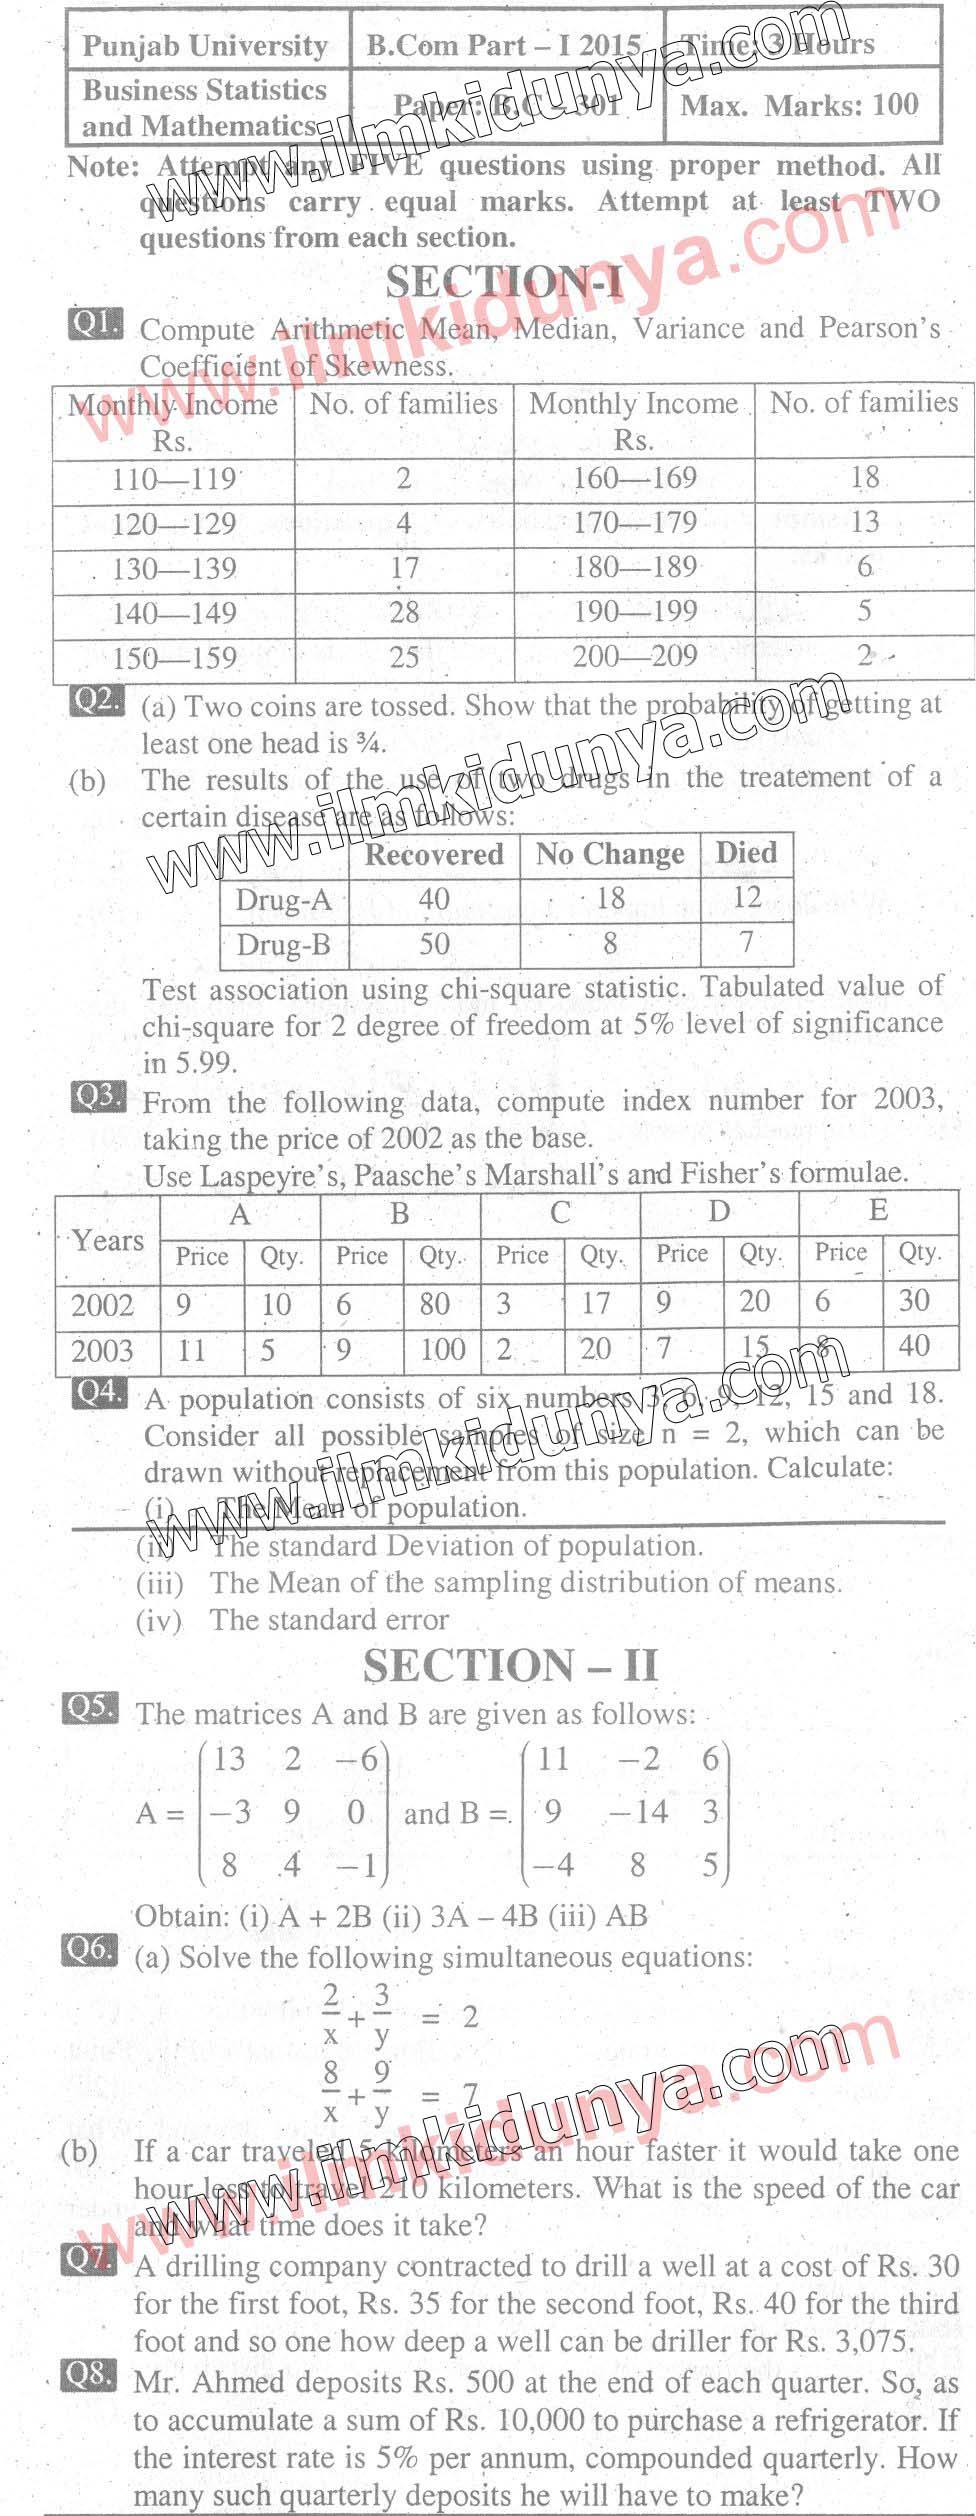 Past Paper Punjab University 2015 BCom Part 1 Business